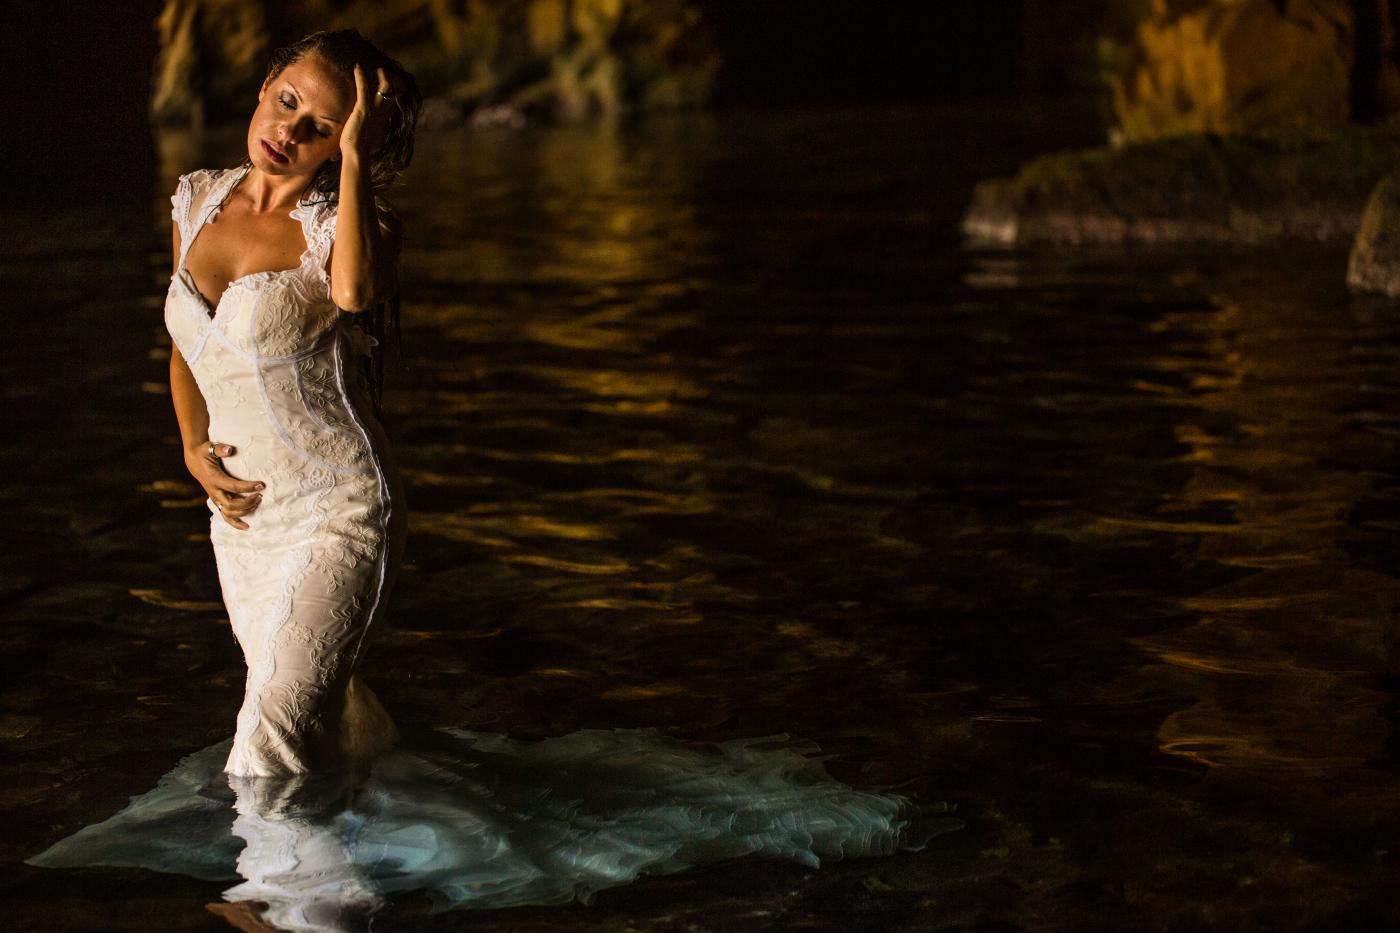 fotografo de boda antonio luna castaño